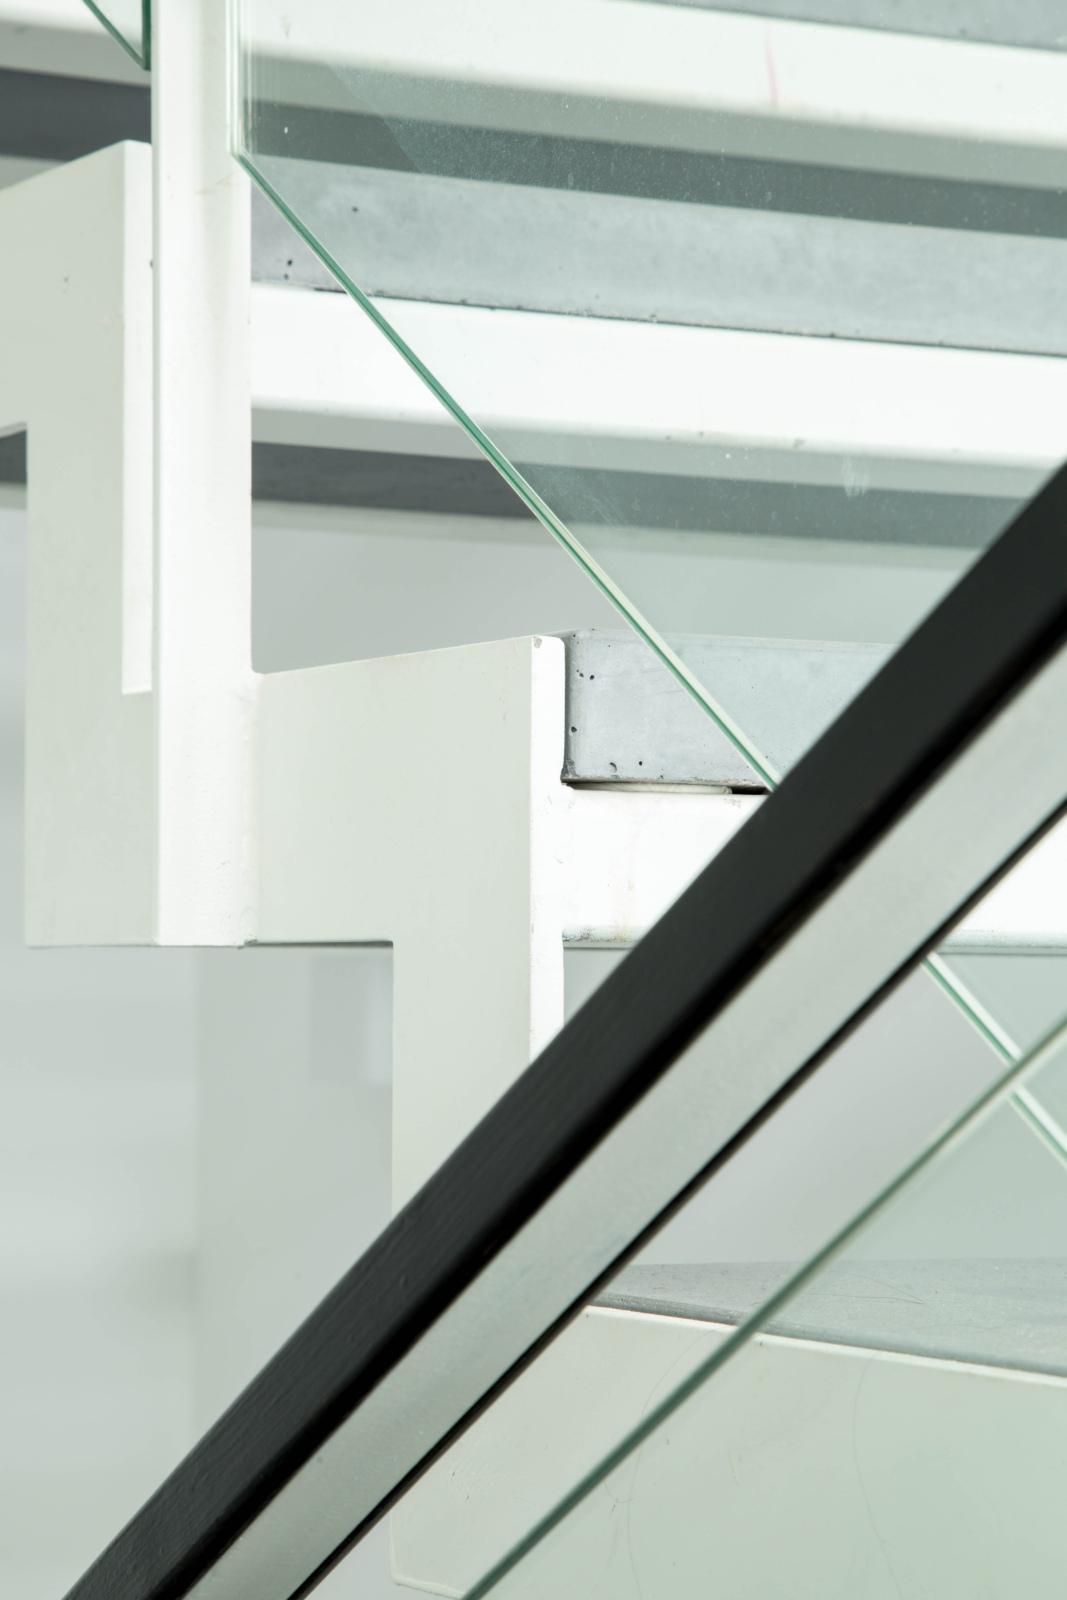 מדרגות ברזל ובטון. אדריכלות מינימליסטית בשוהם